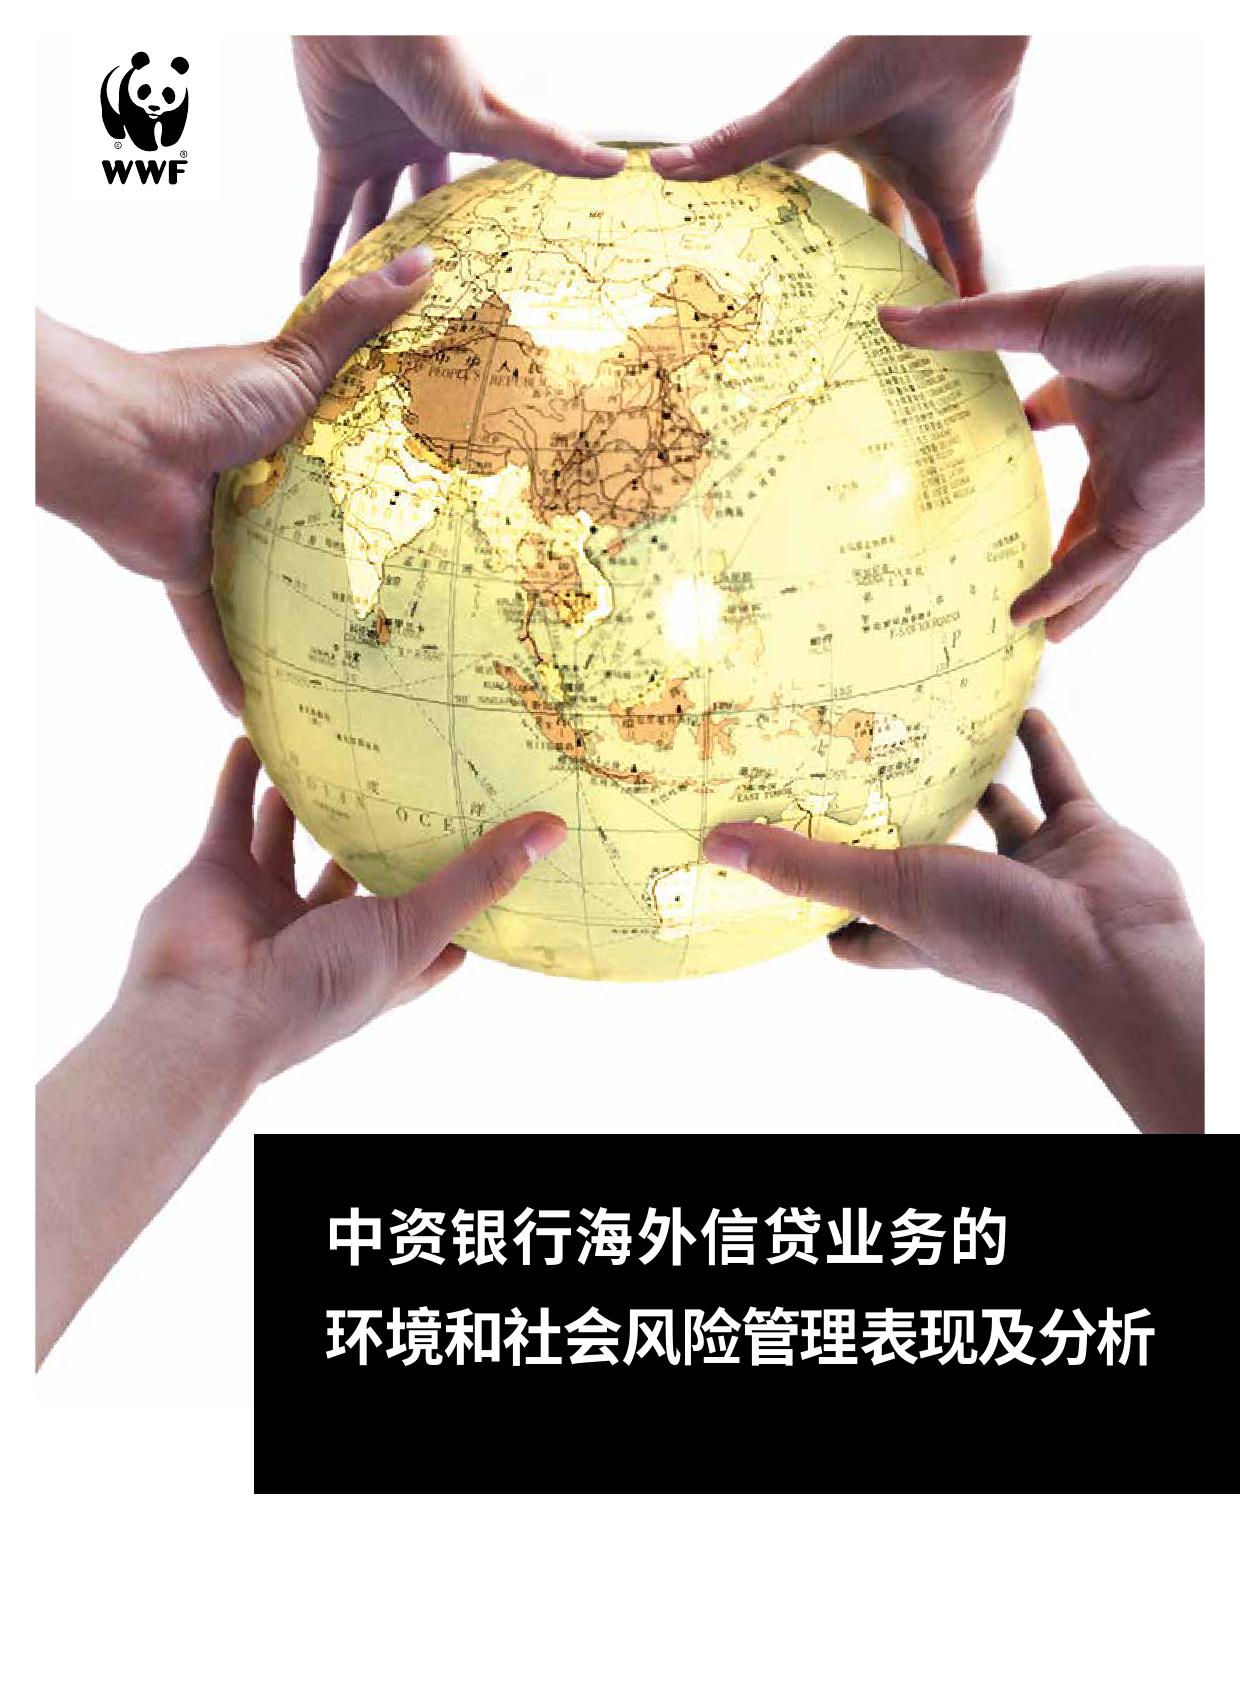 中资银行海外信贷业务的环境和社会风险管理表现及分析